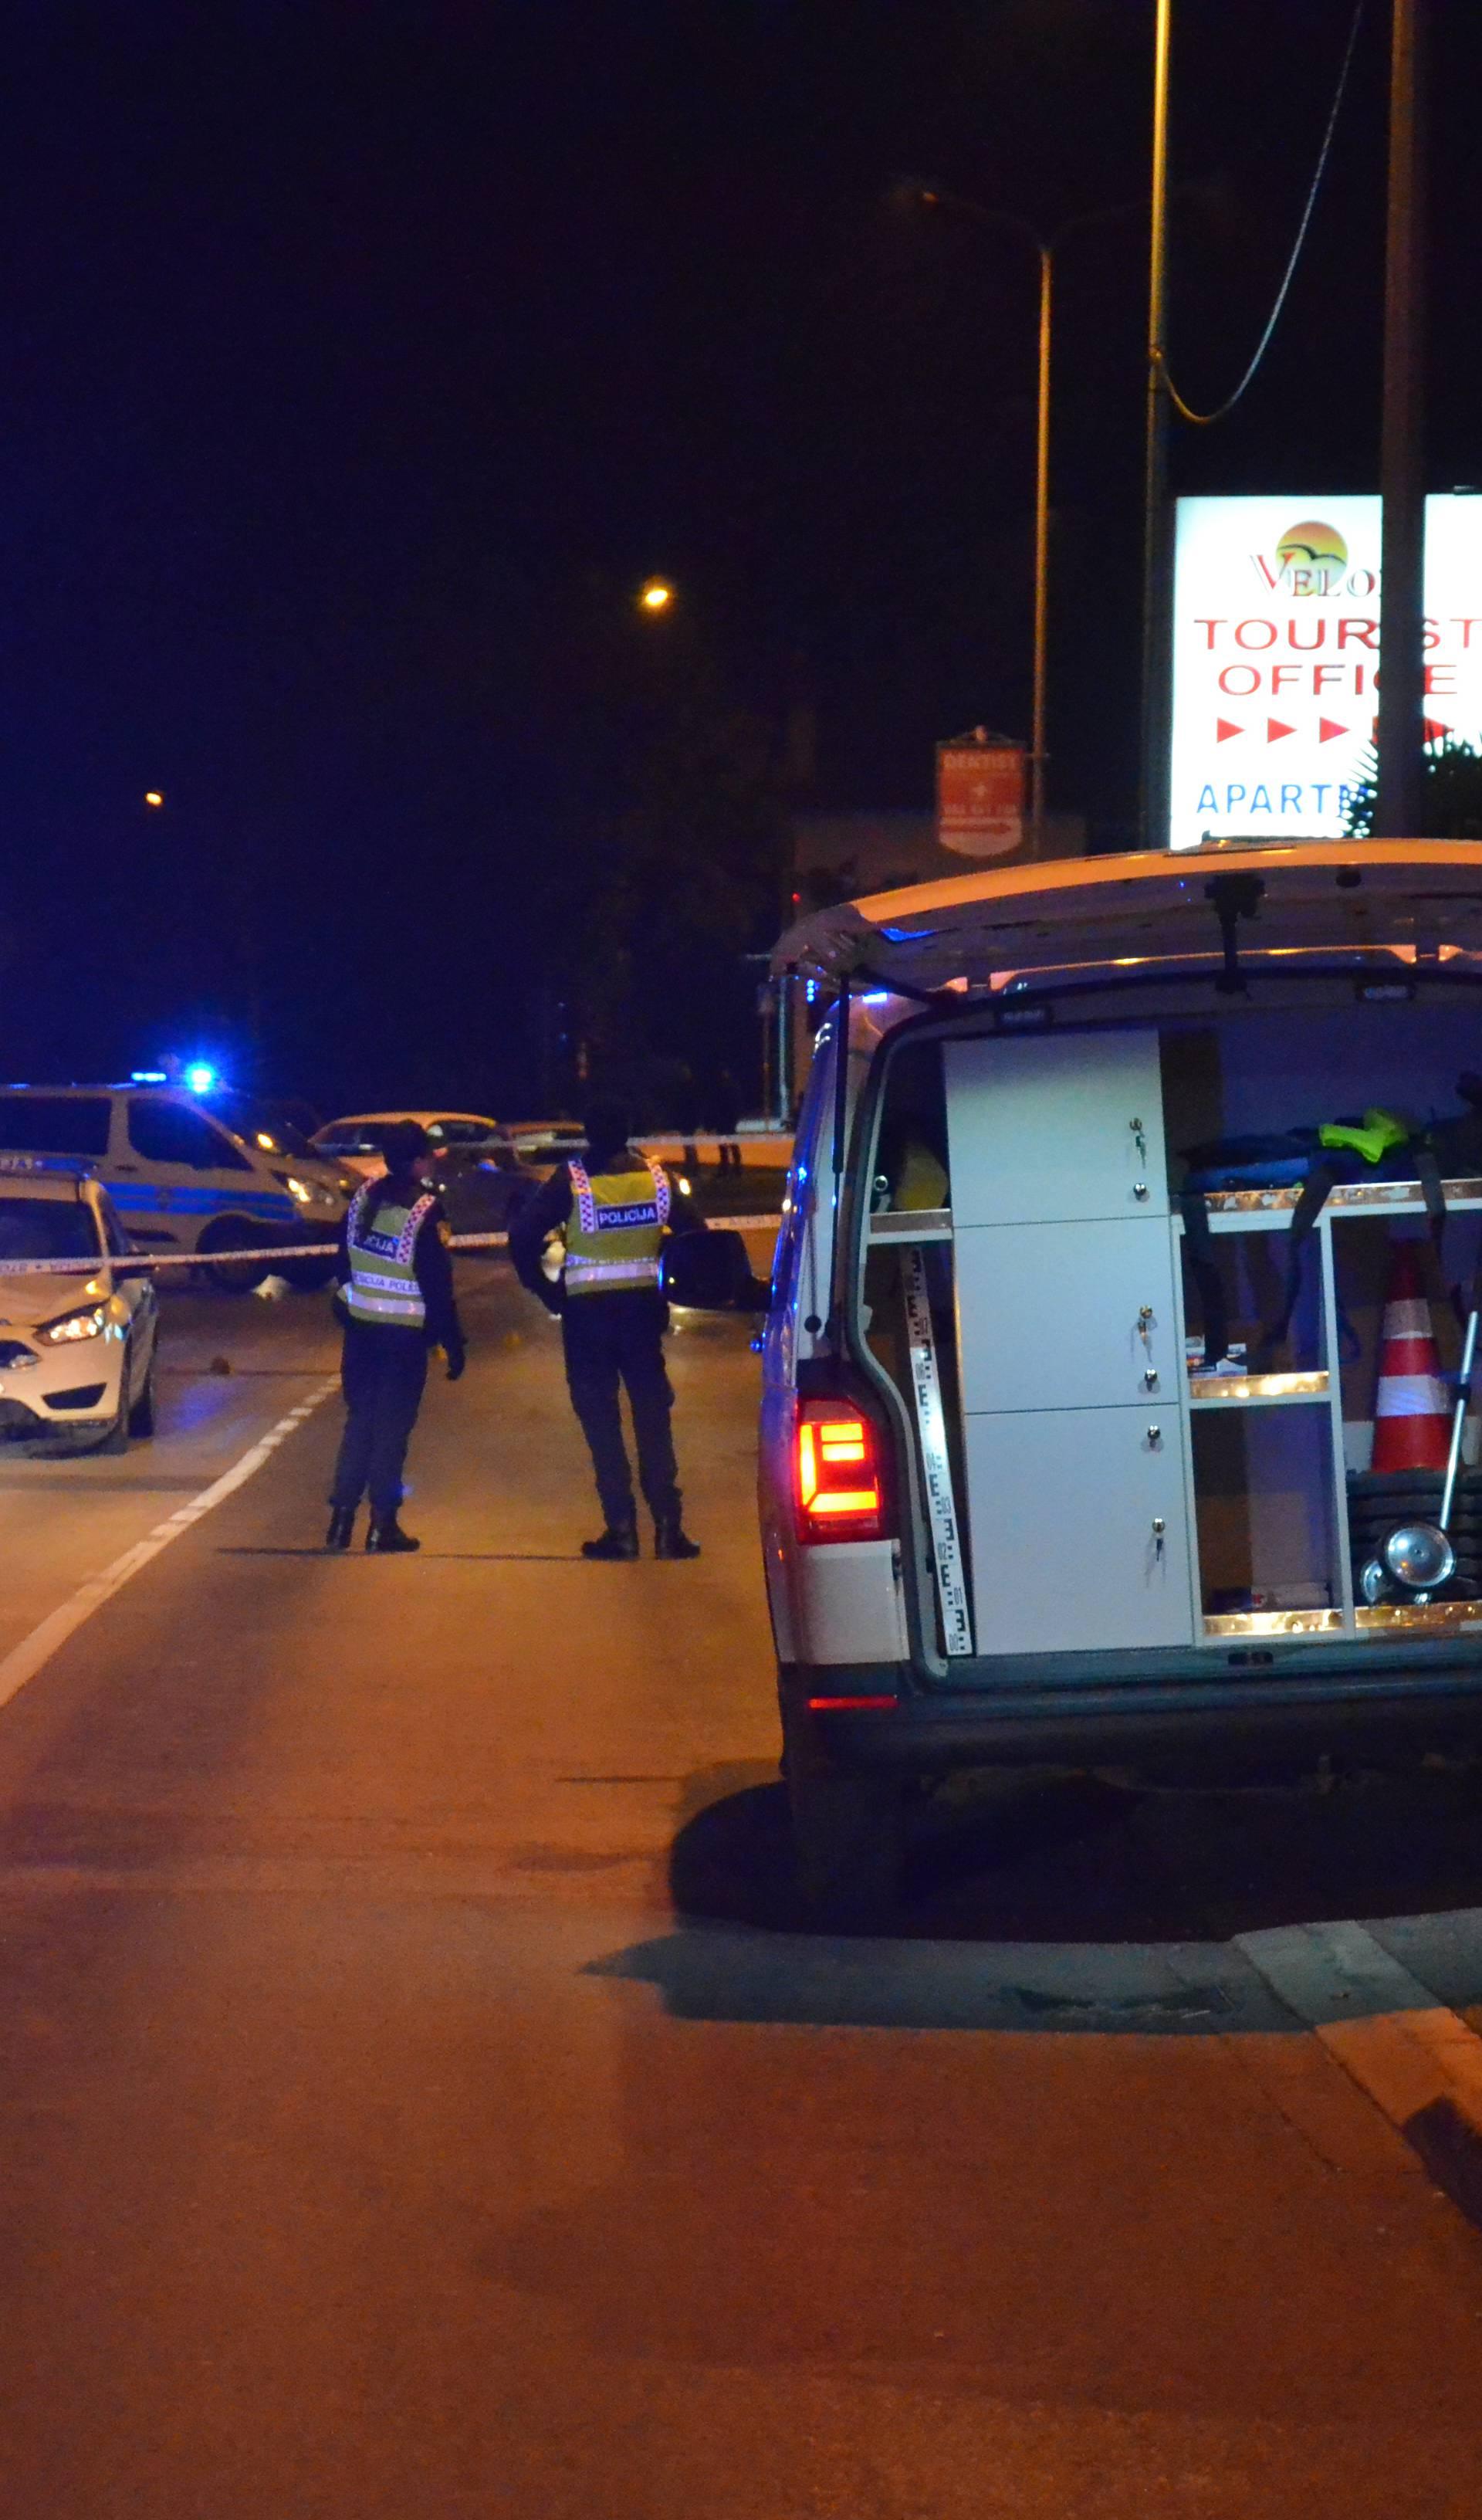 Policijski auto je naletio na nju: 'Izašla je i čuo sam tup udarac'